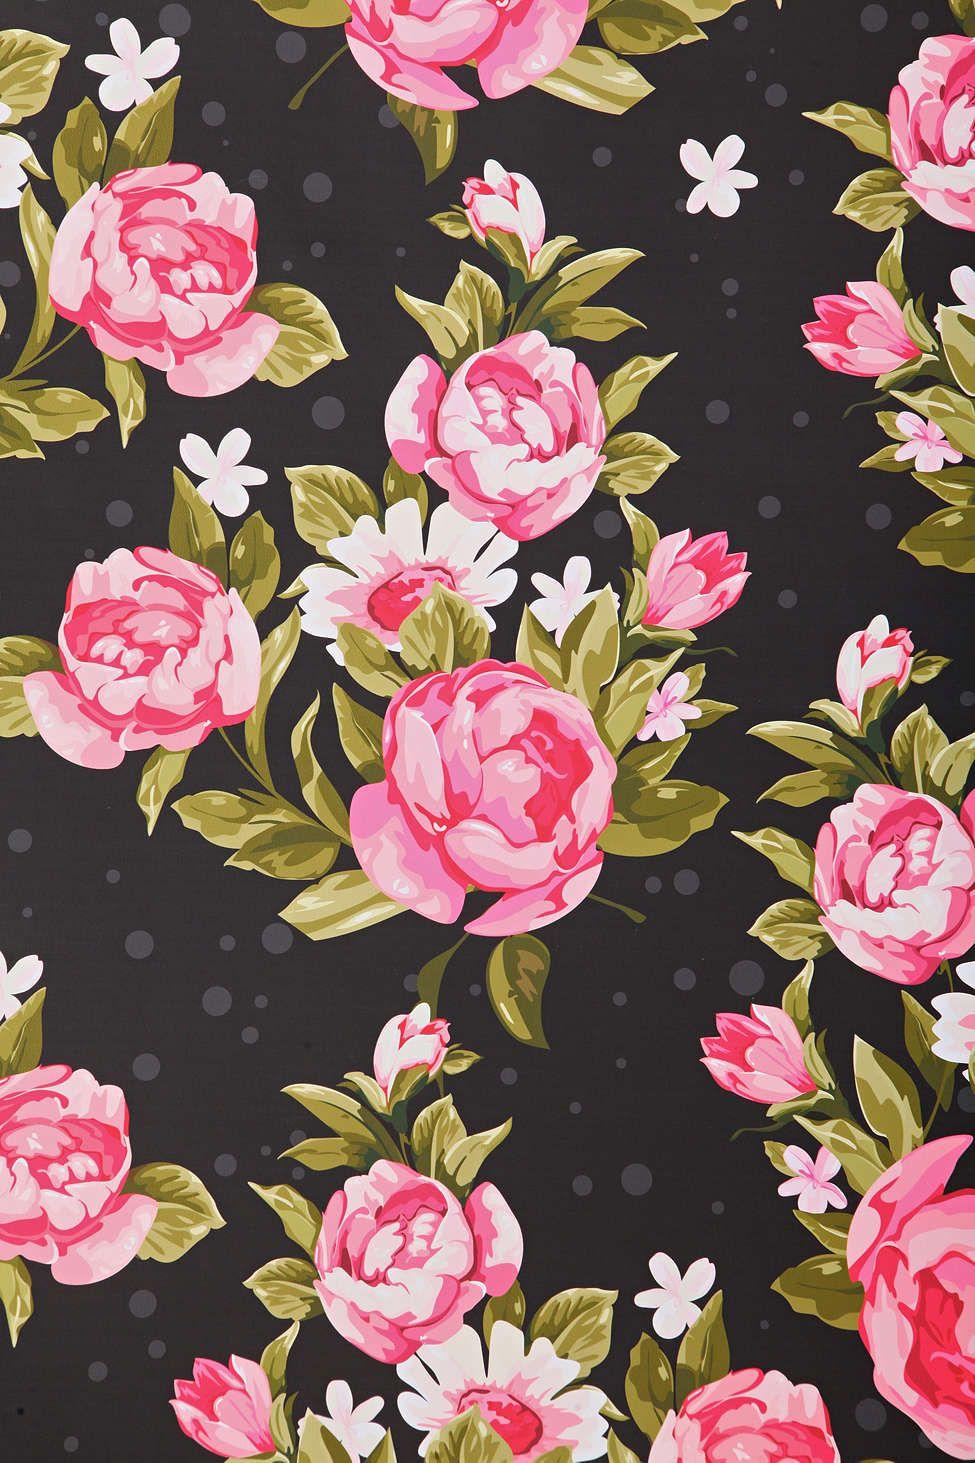 Rose wallpaper | Etsy UK